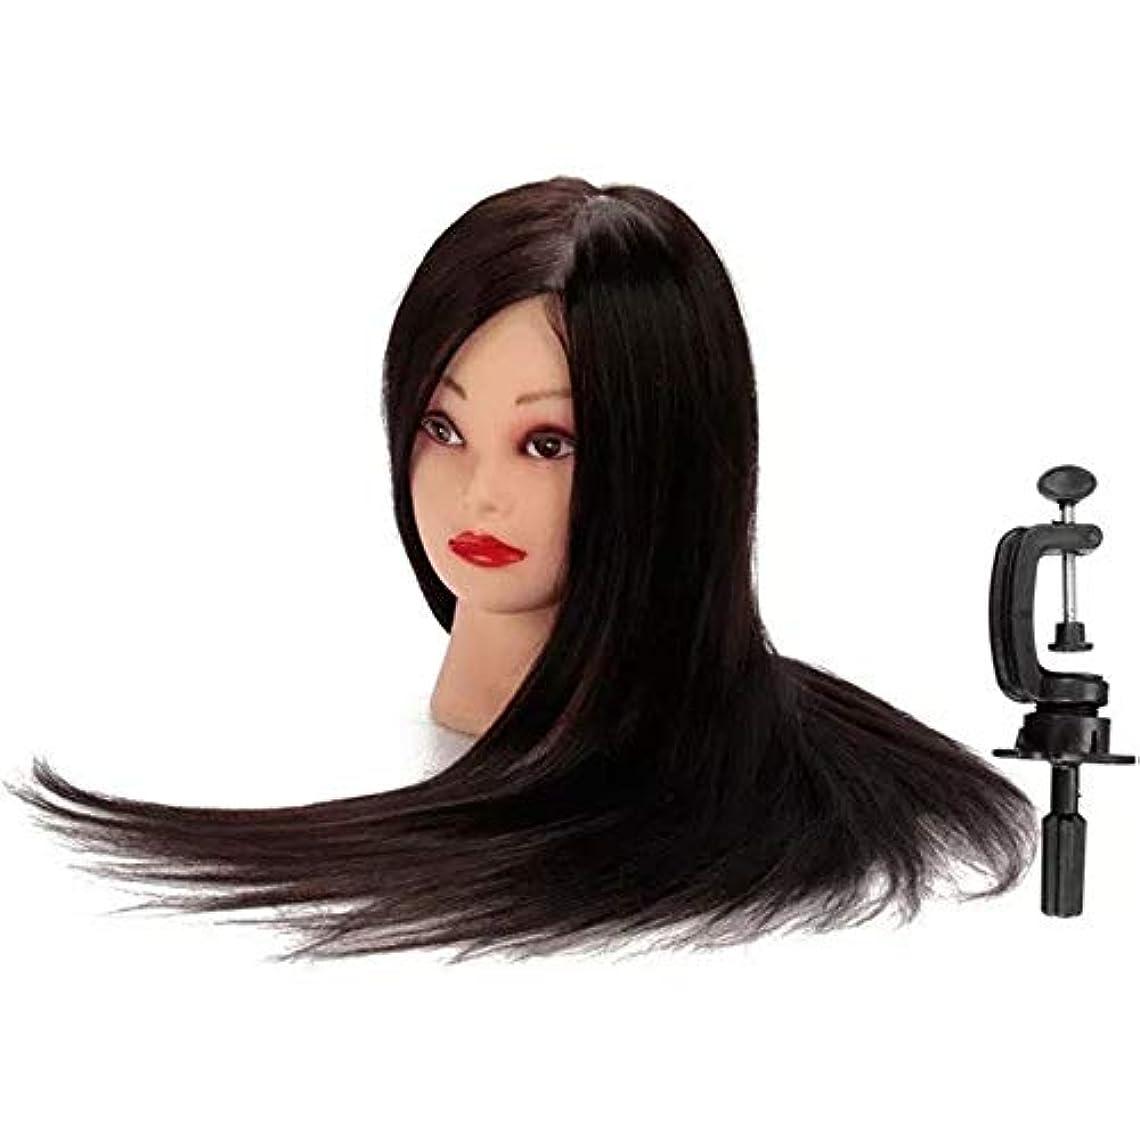 インゲン系統的アーカイブウイッグ マネキンヘッド 50%のブラック本物の人間の髪の毛のトレーニング頭部理髪カッティング練習マネキンモデルクランプホルダ 練習用 (色 : ブラック, サイズ : 25*15*11cm)